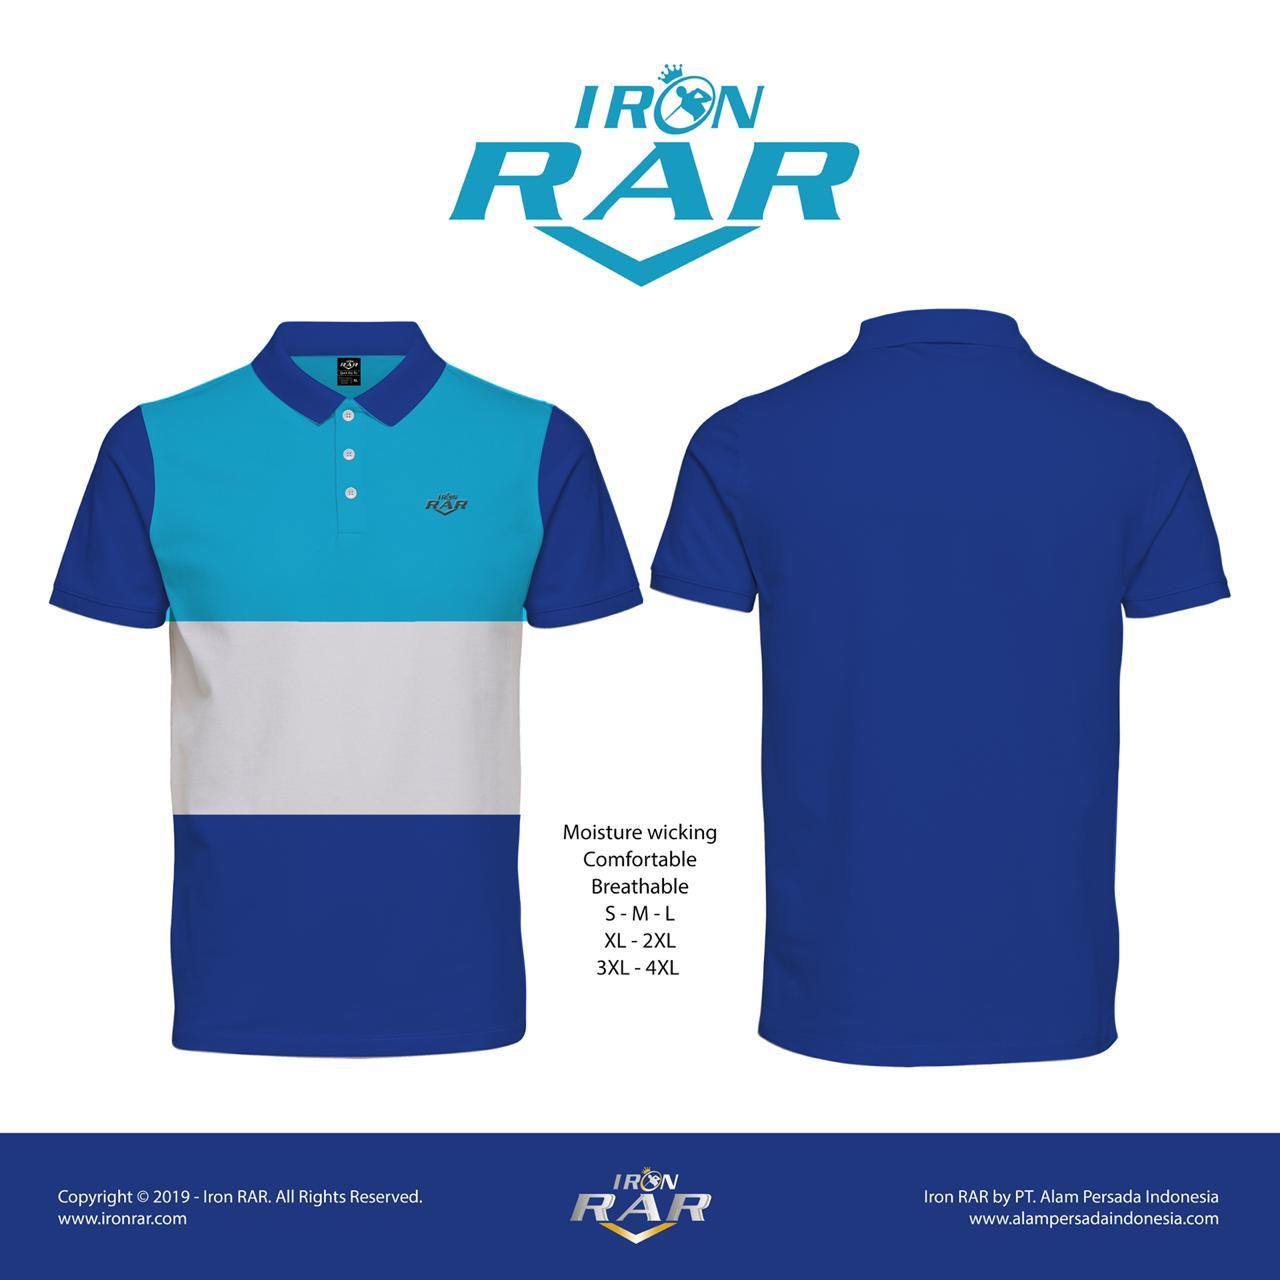 Iron RAR